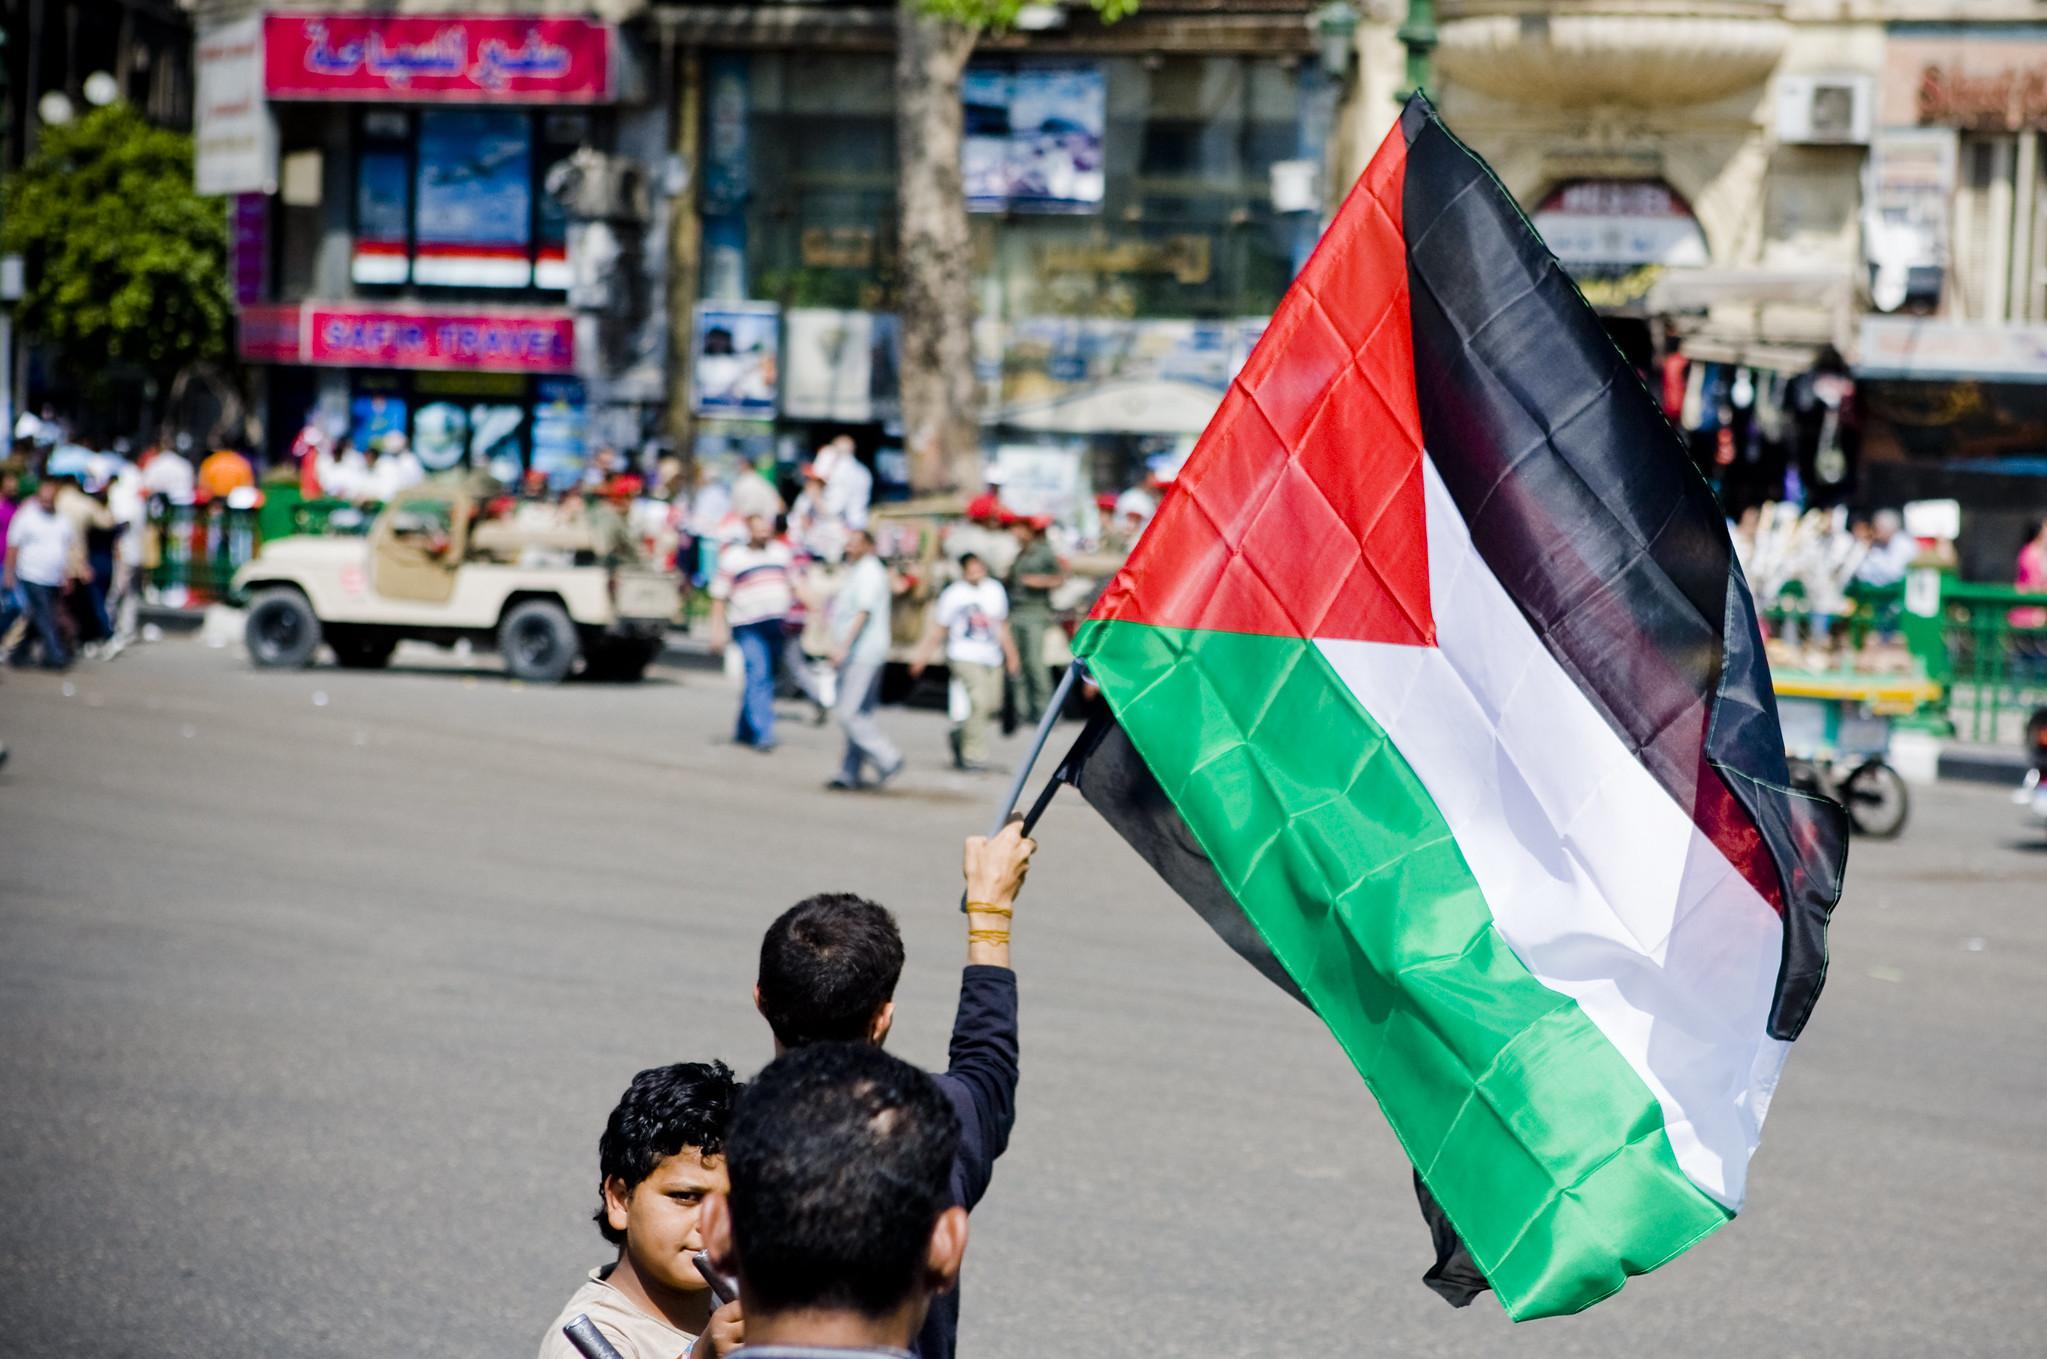 Izrael terrorszervezetté nyilvánított hat palesztin NGO-t, az USA magyarázatot követel